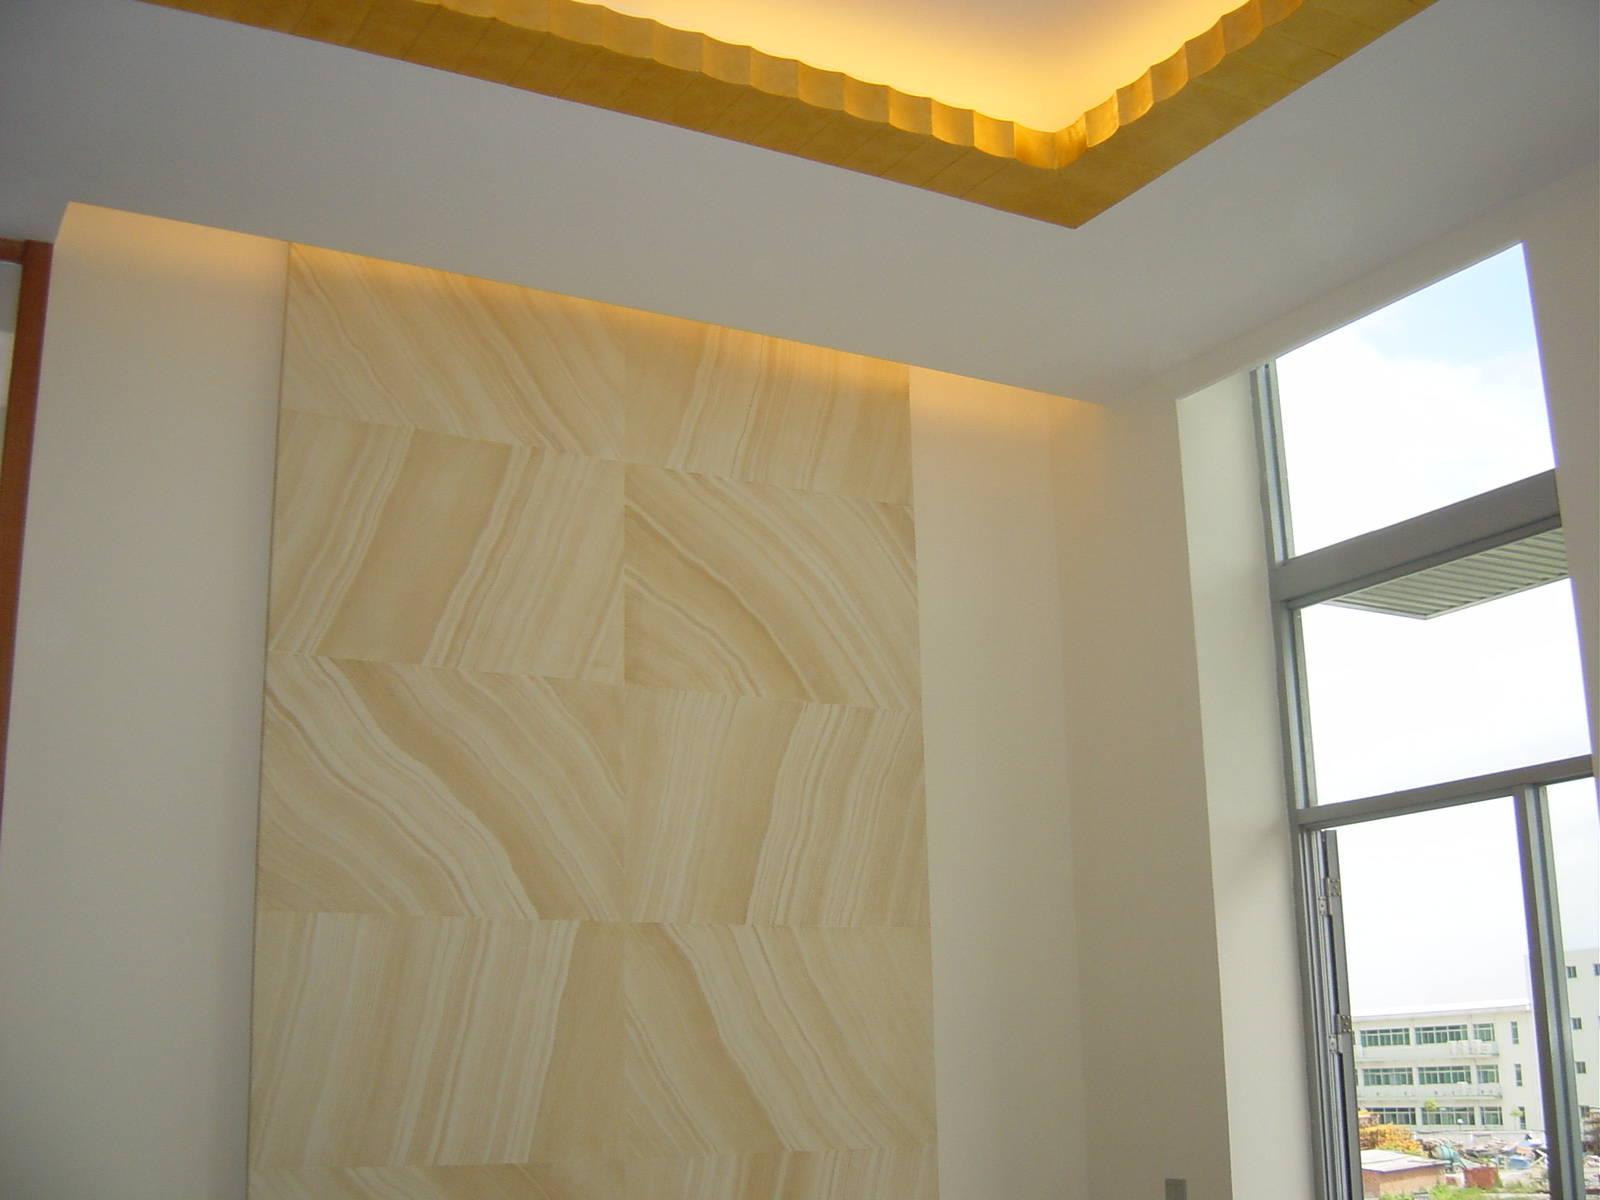 液体壁纸装修效果图; 砂岩漆效果 (9);; 住欣家园